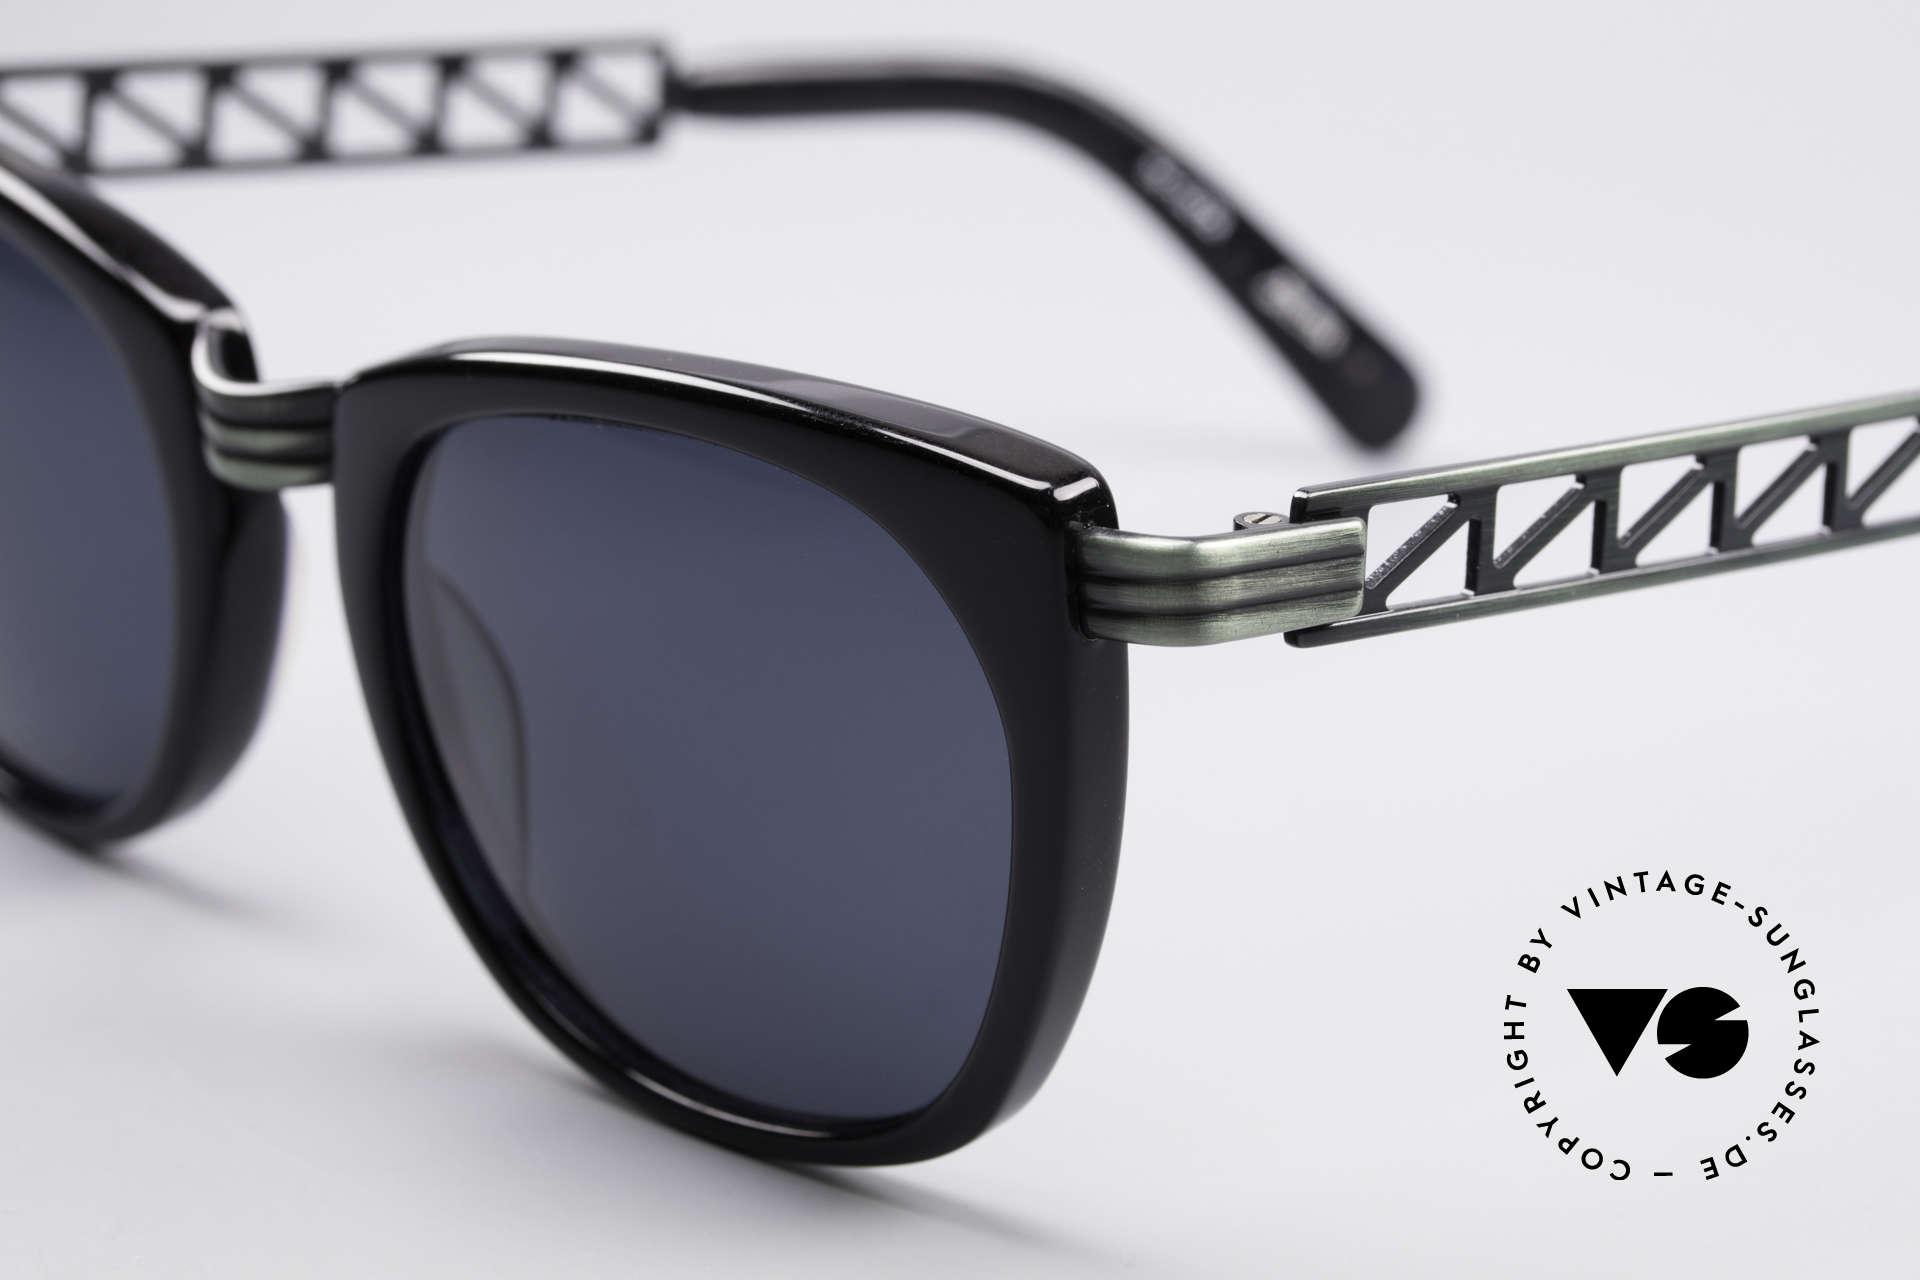 Jean Paul Gaultier 56-0272 Steampunk 90er Sonnenbrille, unbenutzt; wie alle unsere vintage ORIGINALE, Passend für Herren und Damen